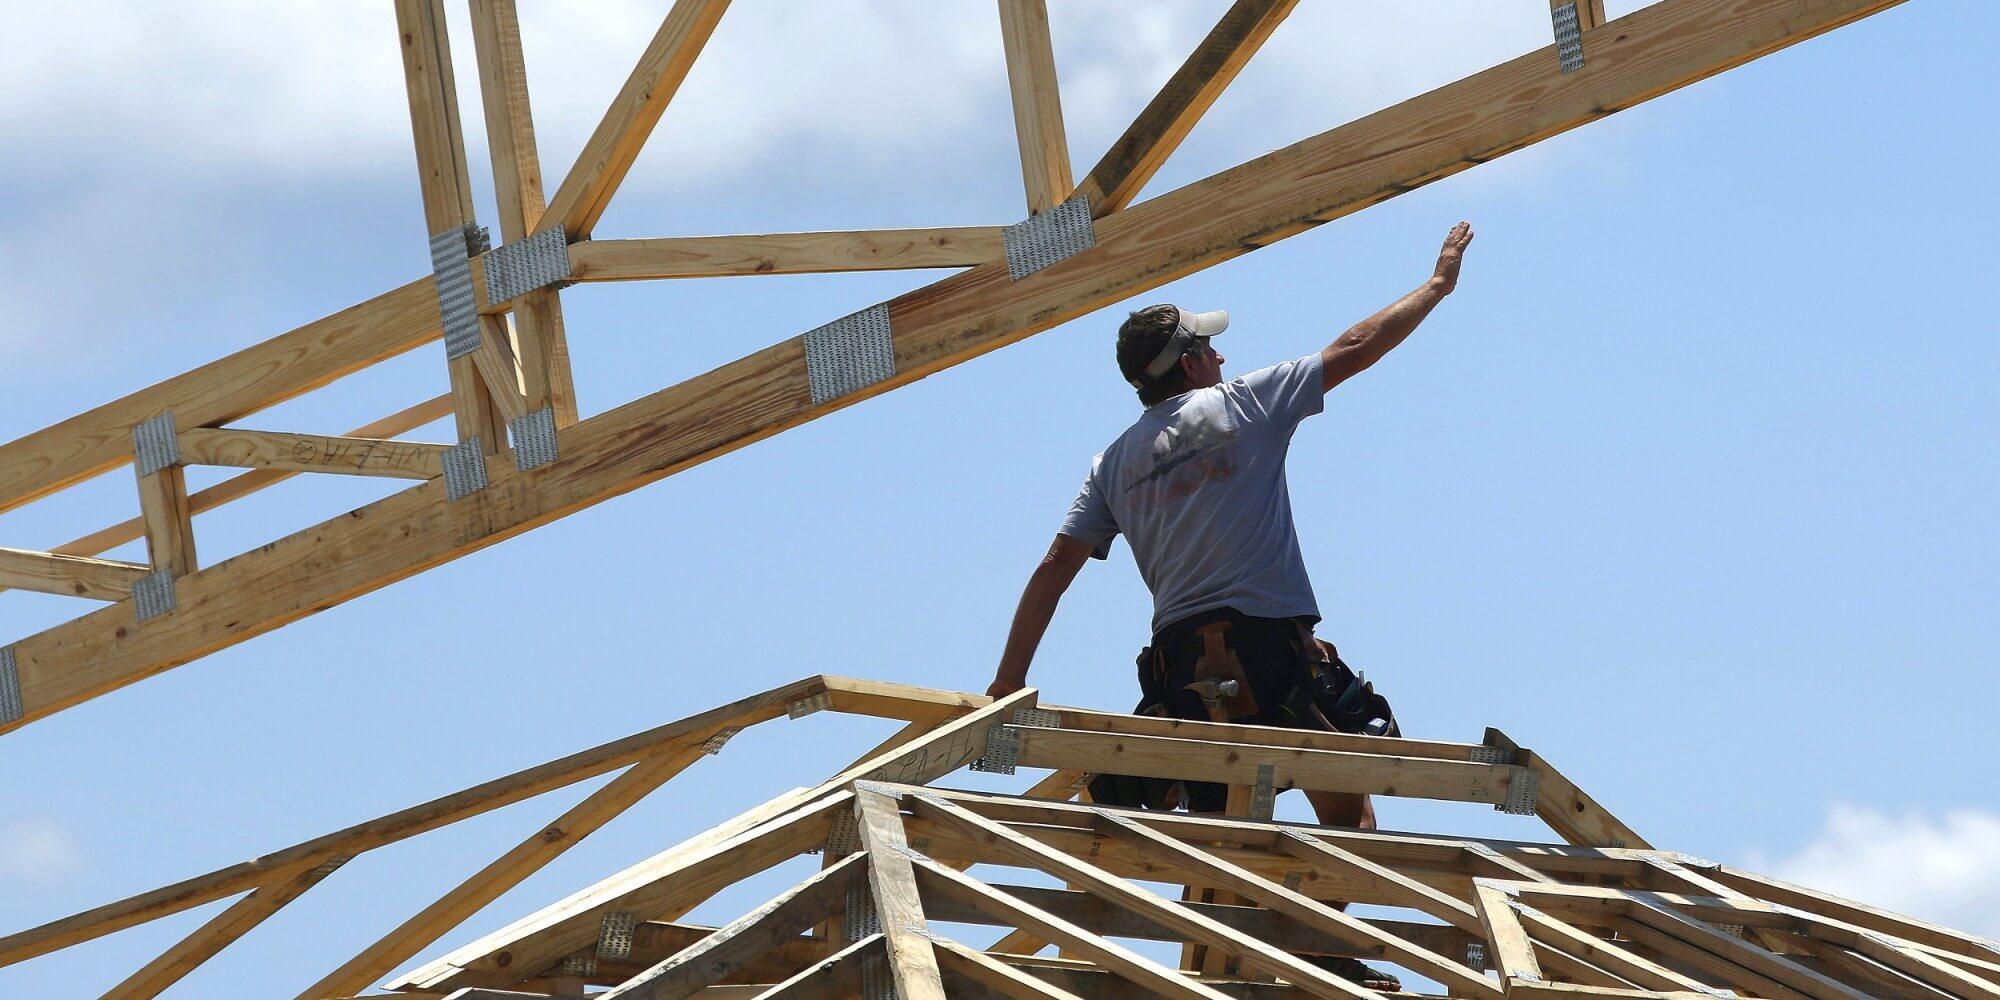 Így lehet elkerülni az építőipar tragédiáit